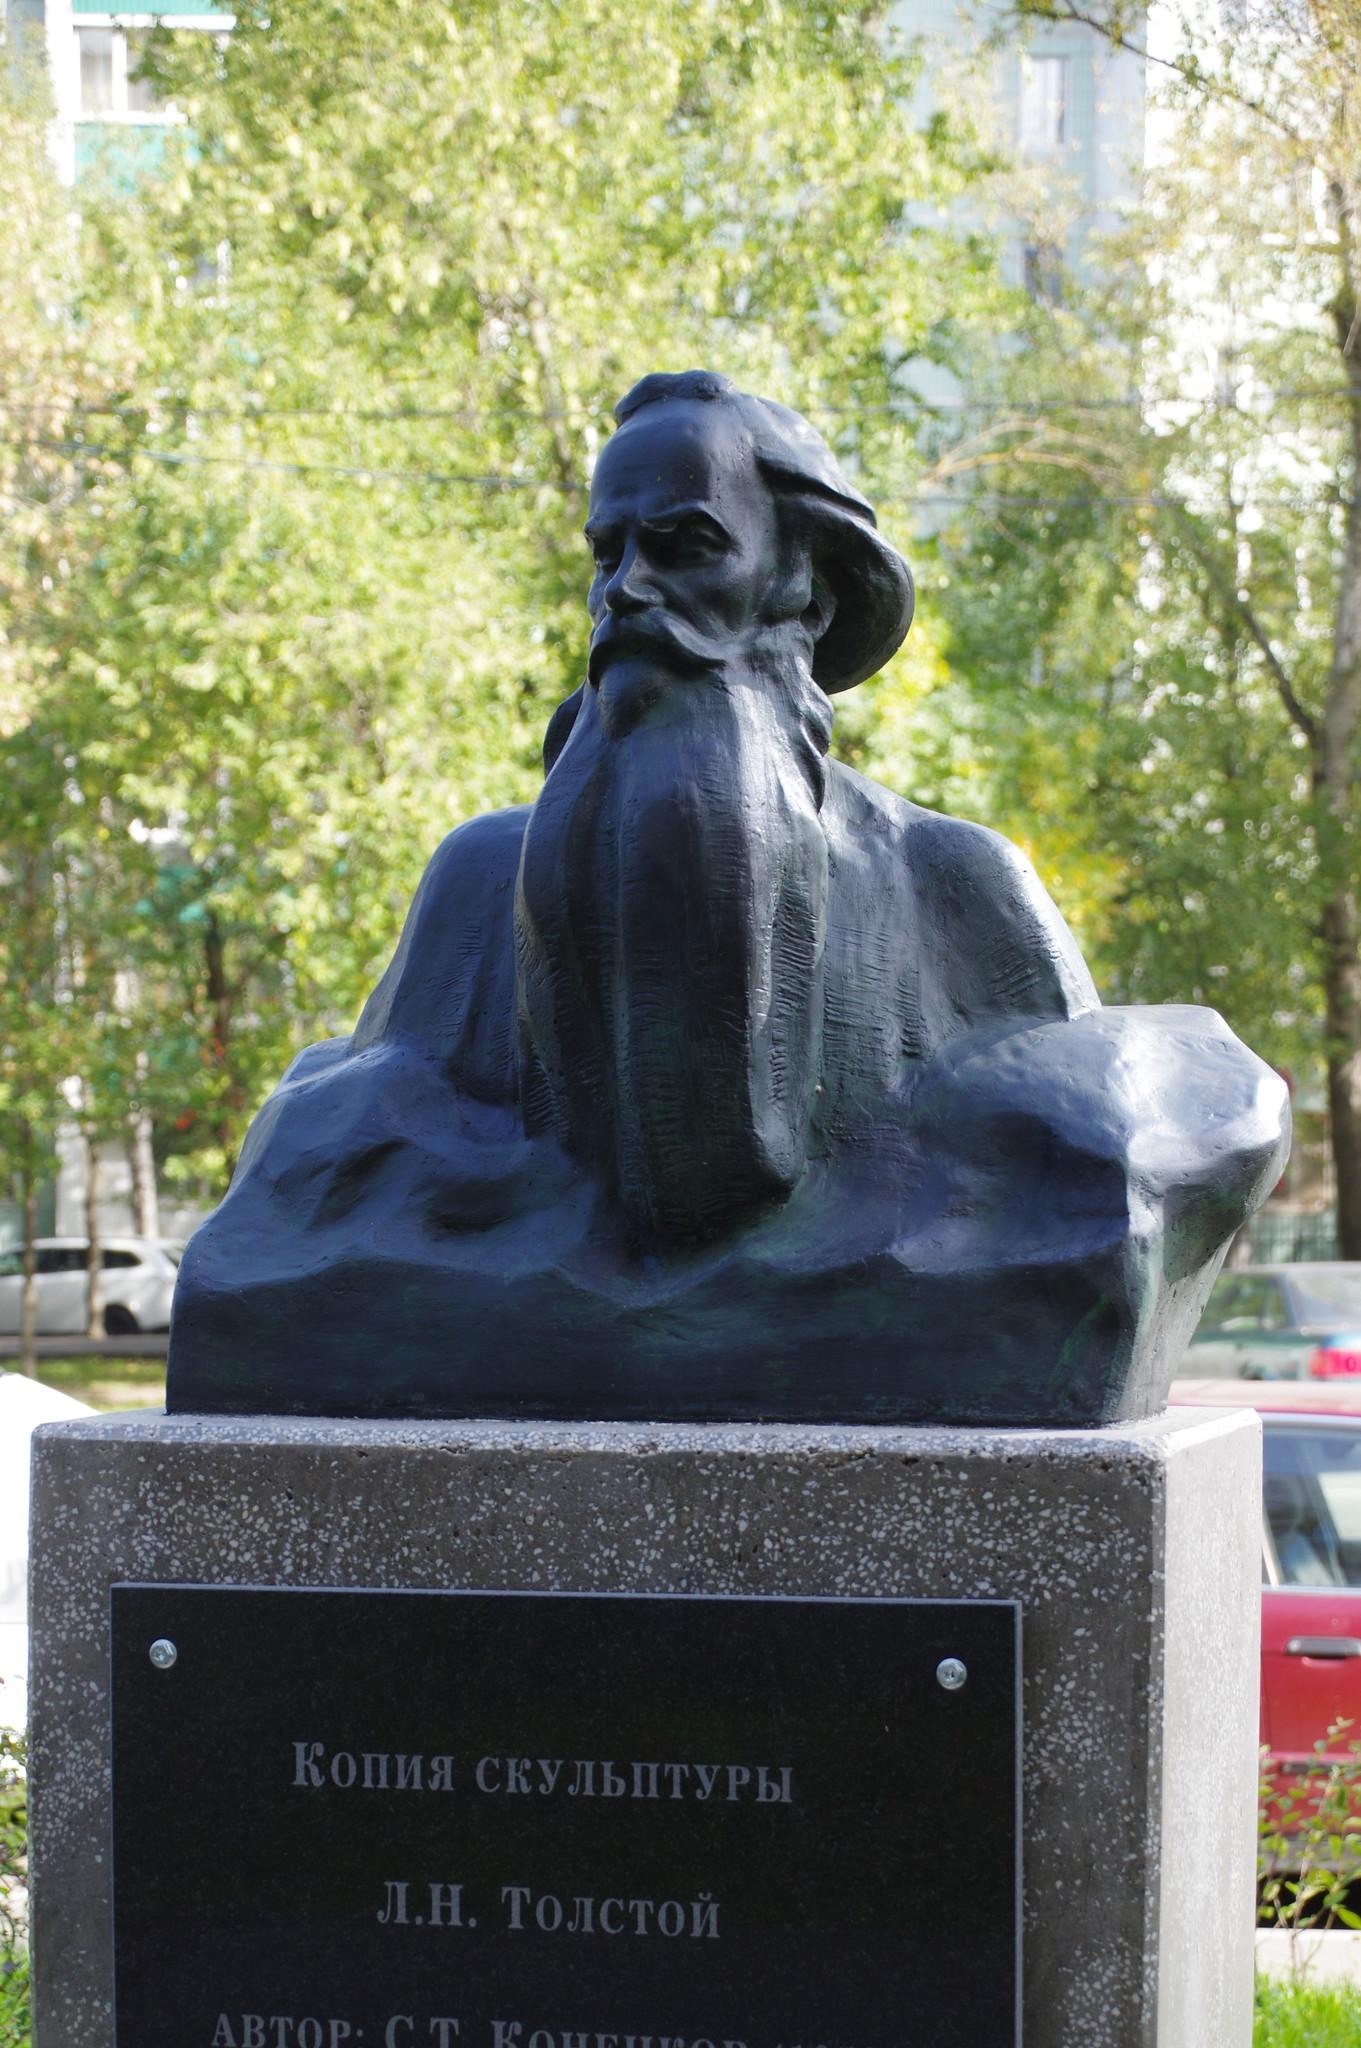 Копия скульпторы Лев Николаевич Толстой. Автор: Сергей Тимофеевич Конёнков (1953 г.) на улице Конёнкова в Москве